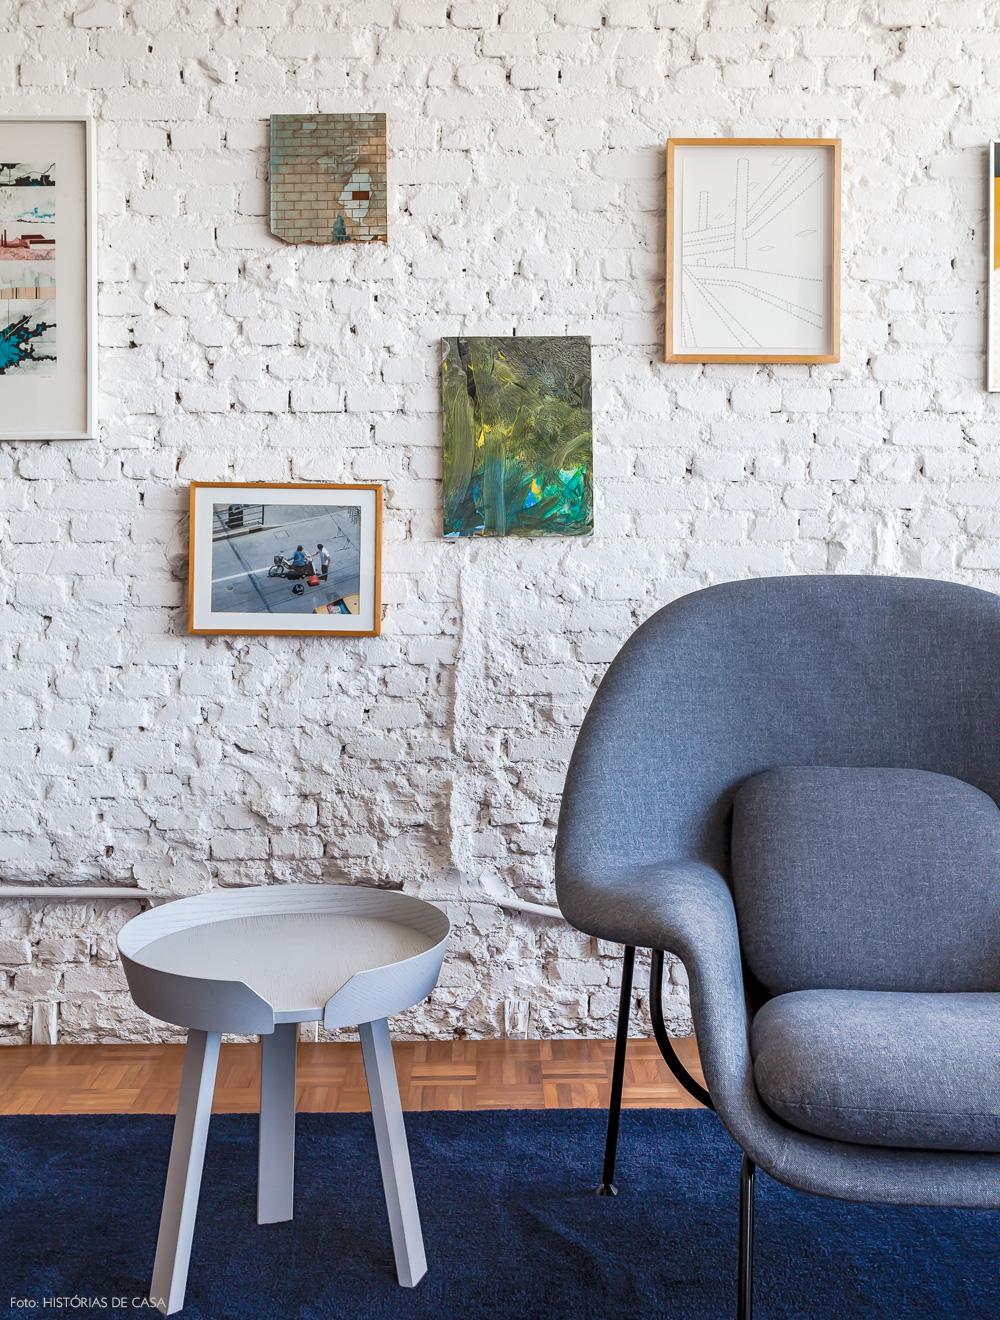 16-decoracao-parede-tijolinho-branco-textura-quadros-azul